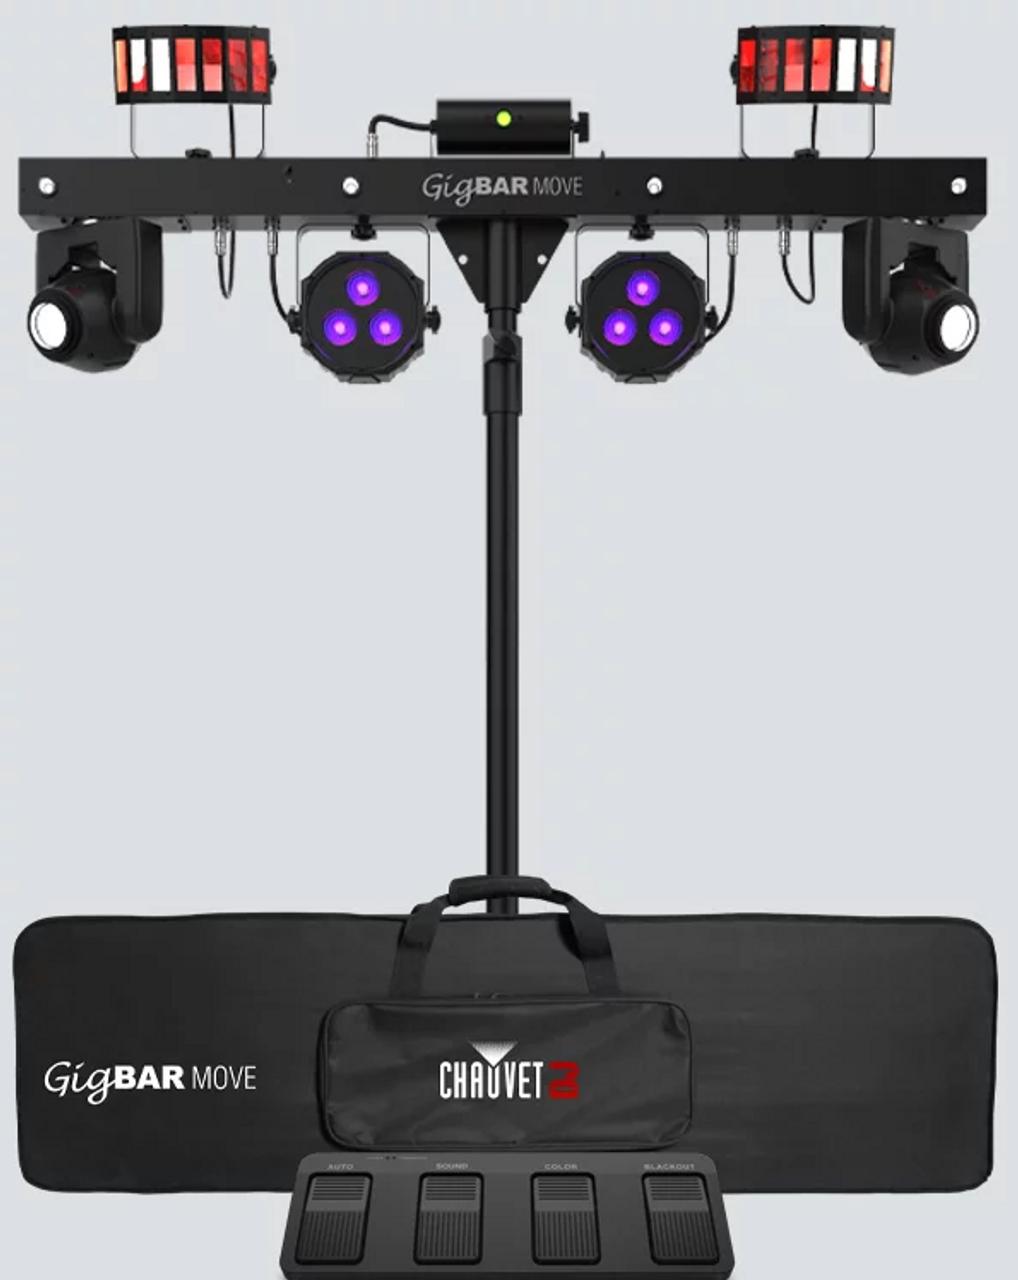 GigBar Move